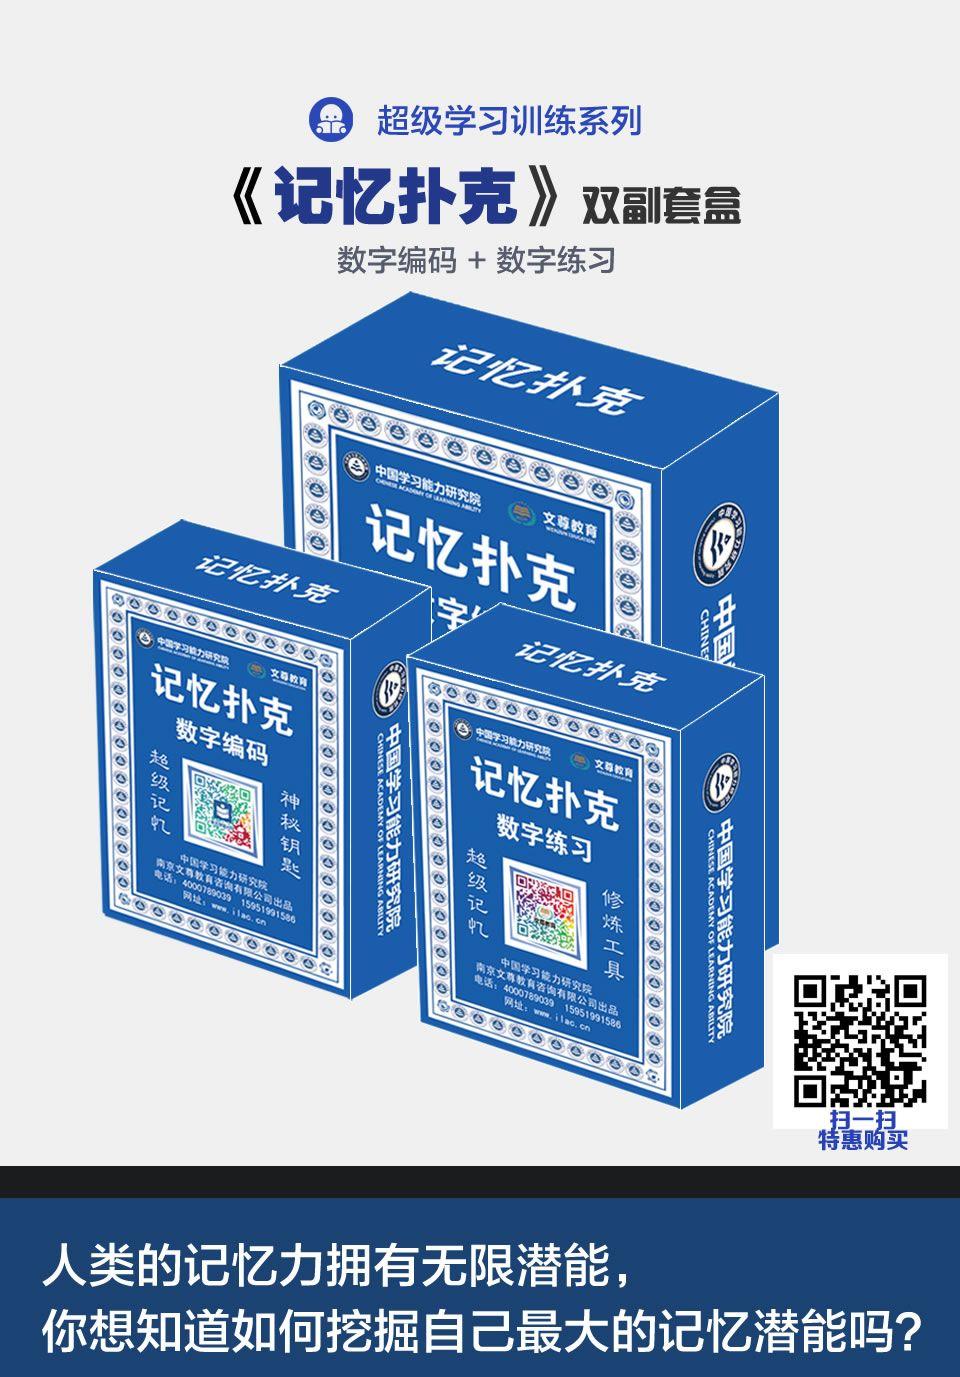 《记忆扑克》双副套盒(数字编码+数字练习)